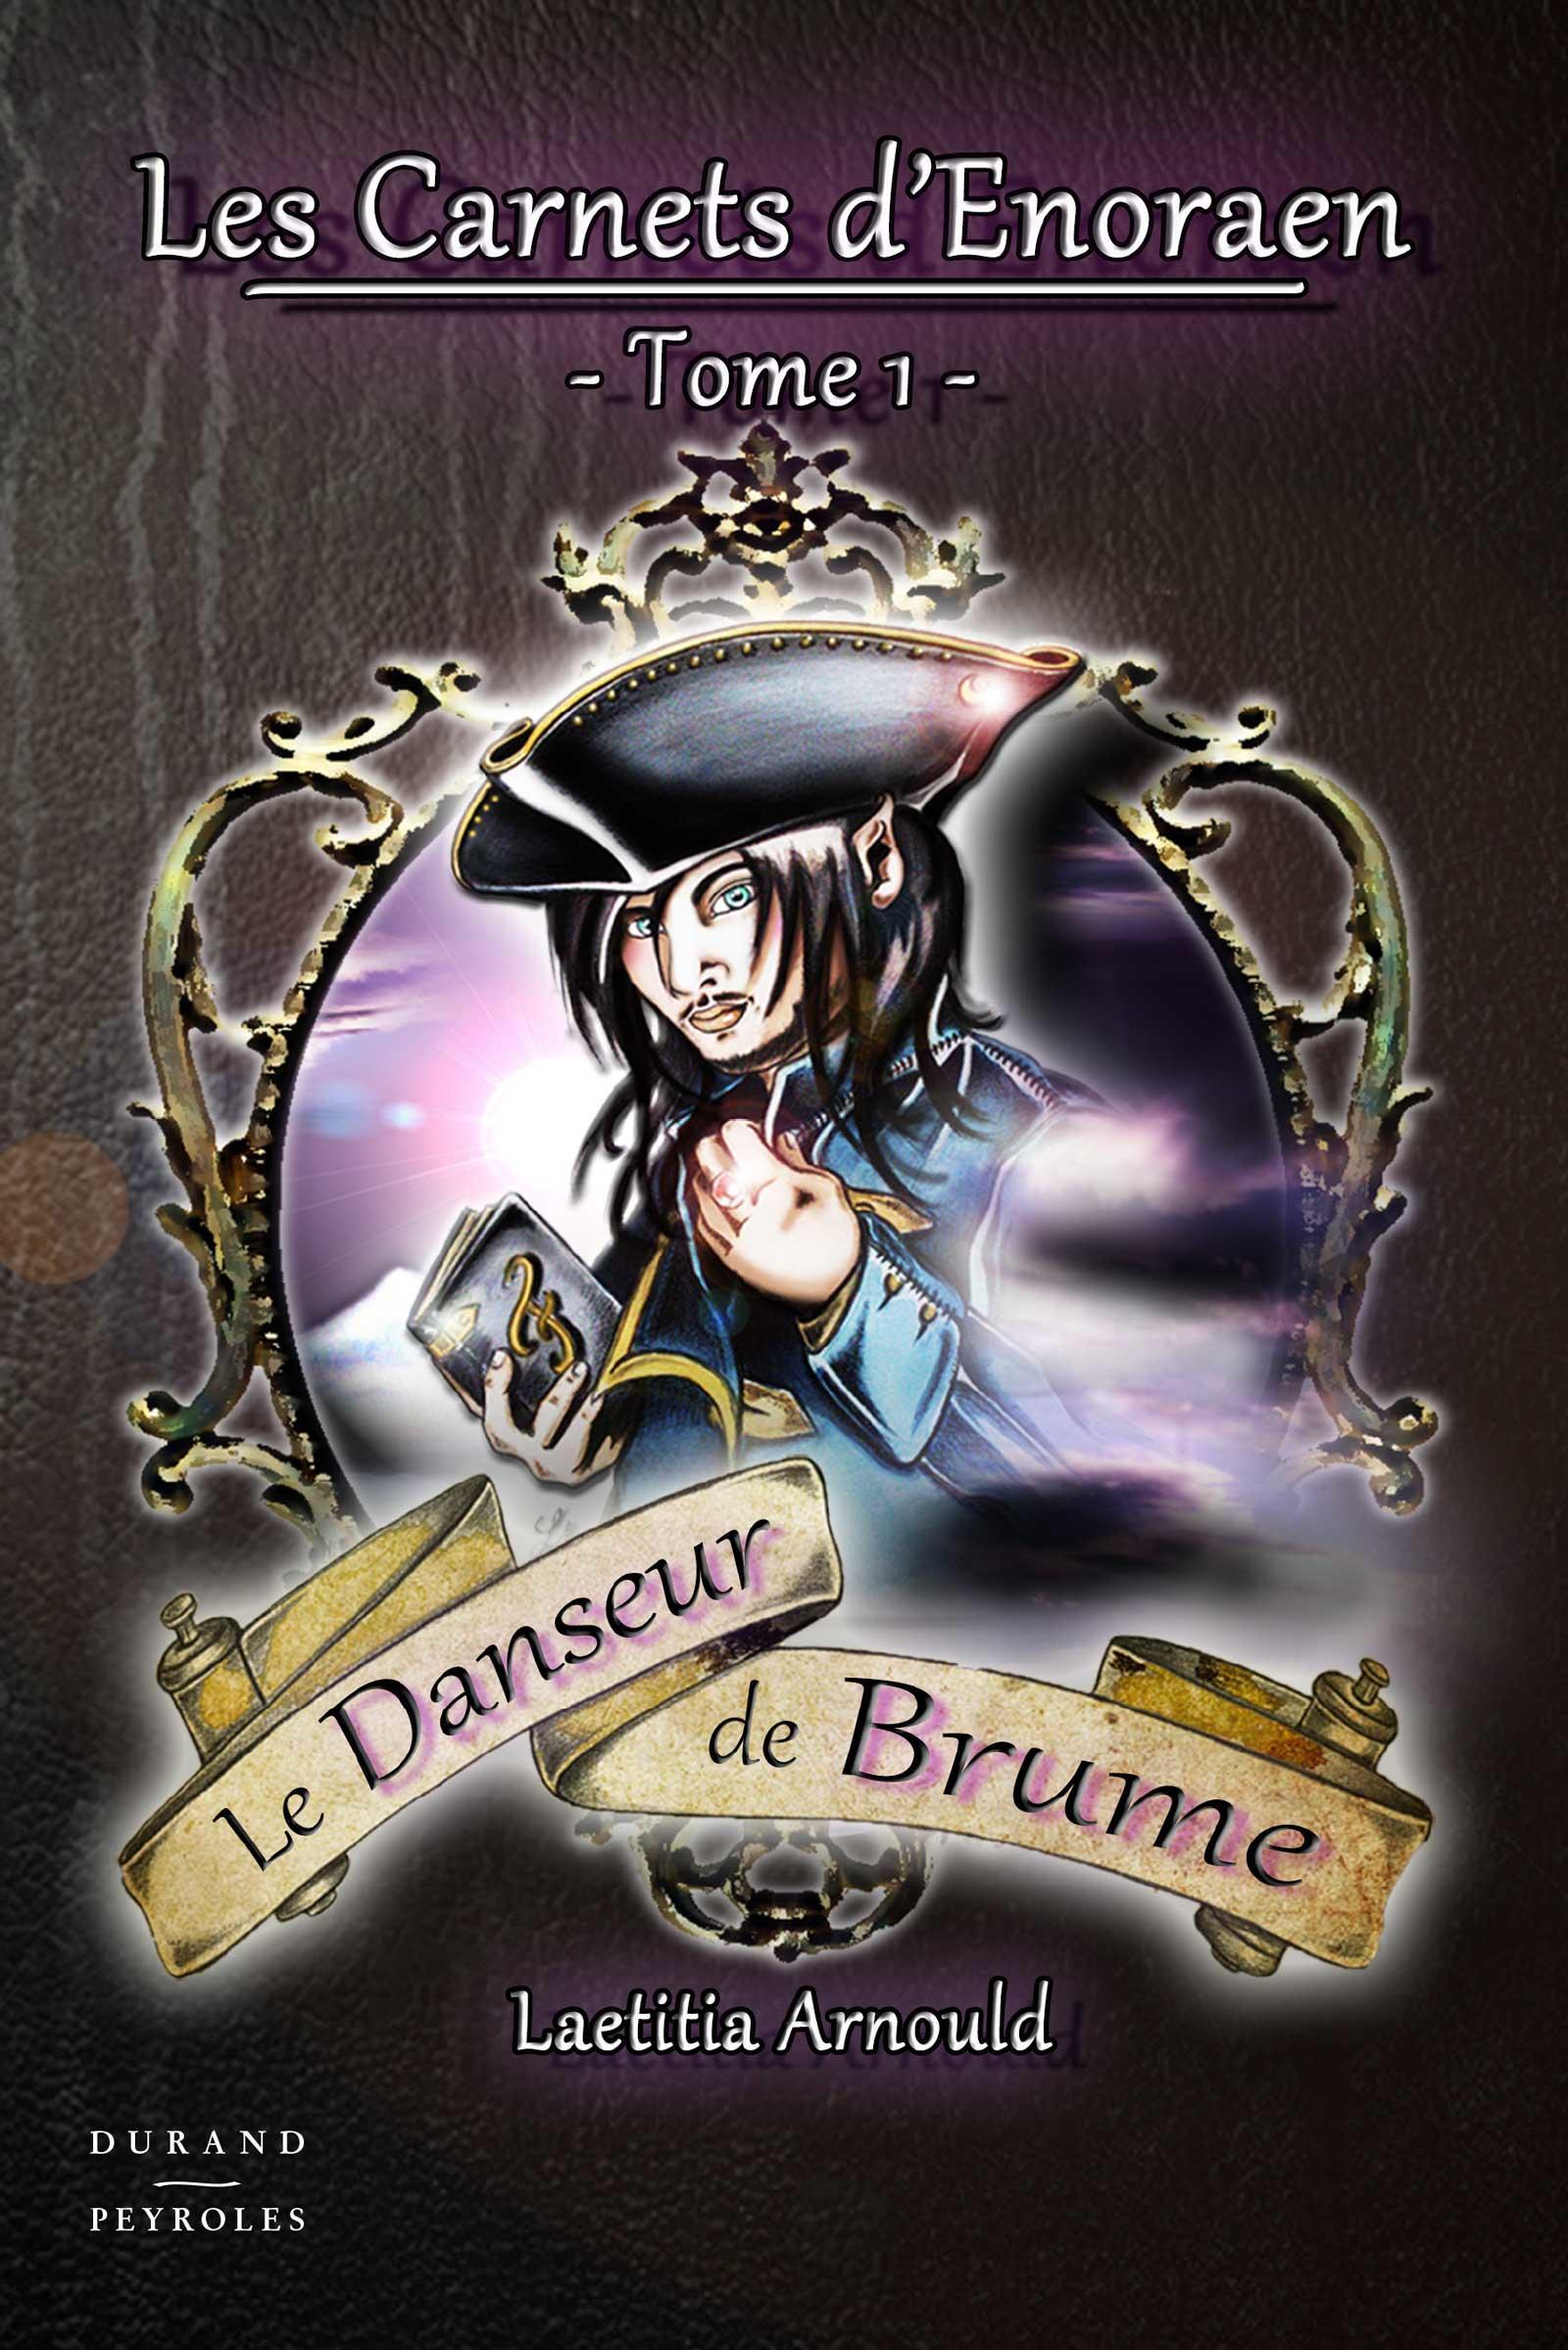 Les Carnets d'Enoraen - Tome 1, LE DANSEUR DE BRUME